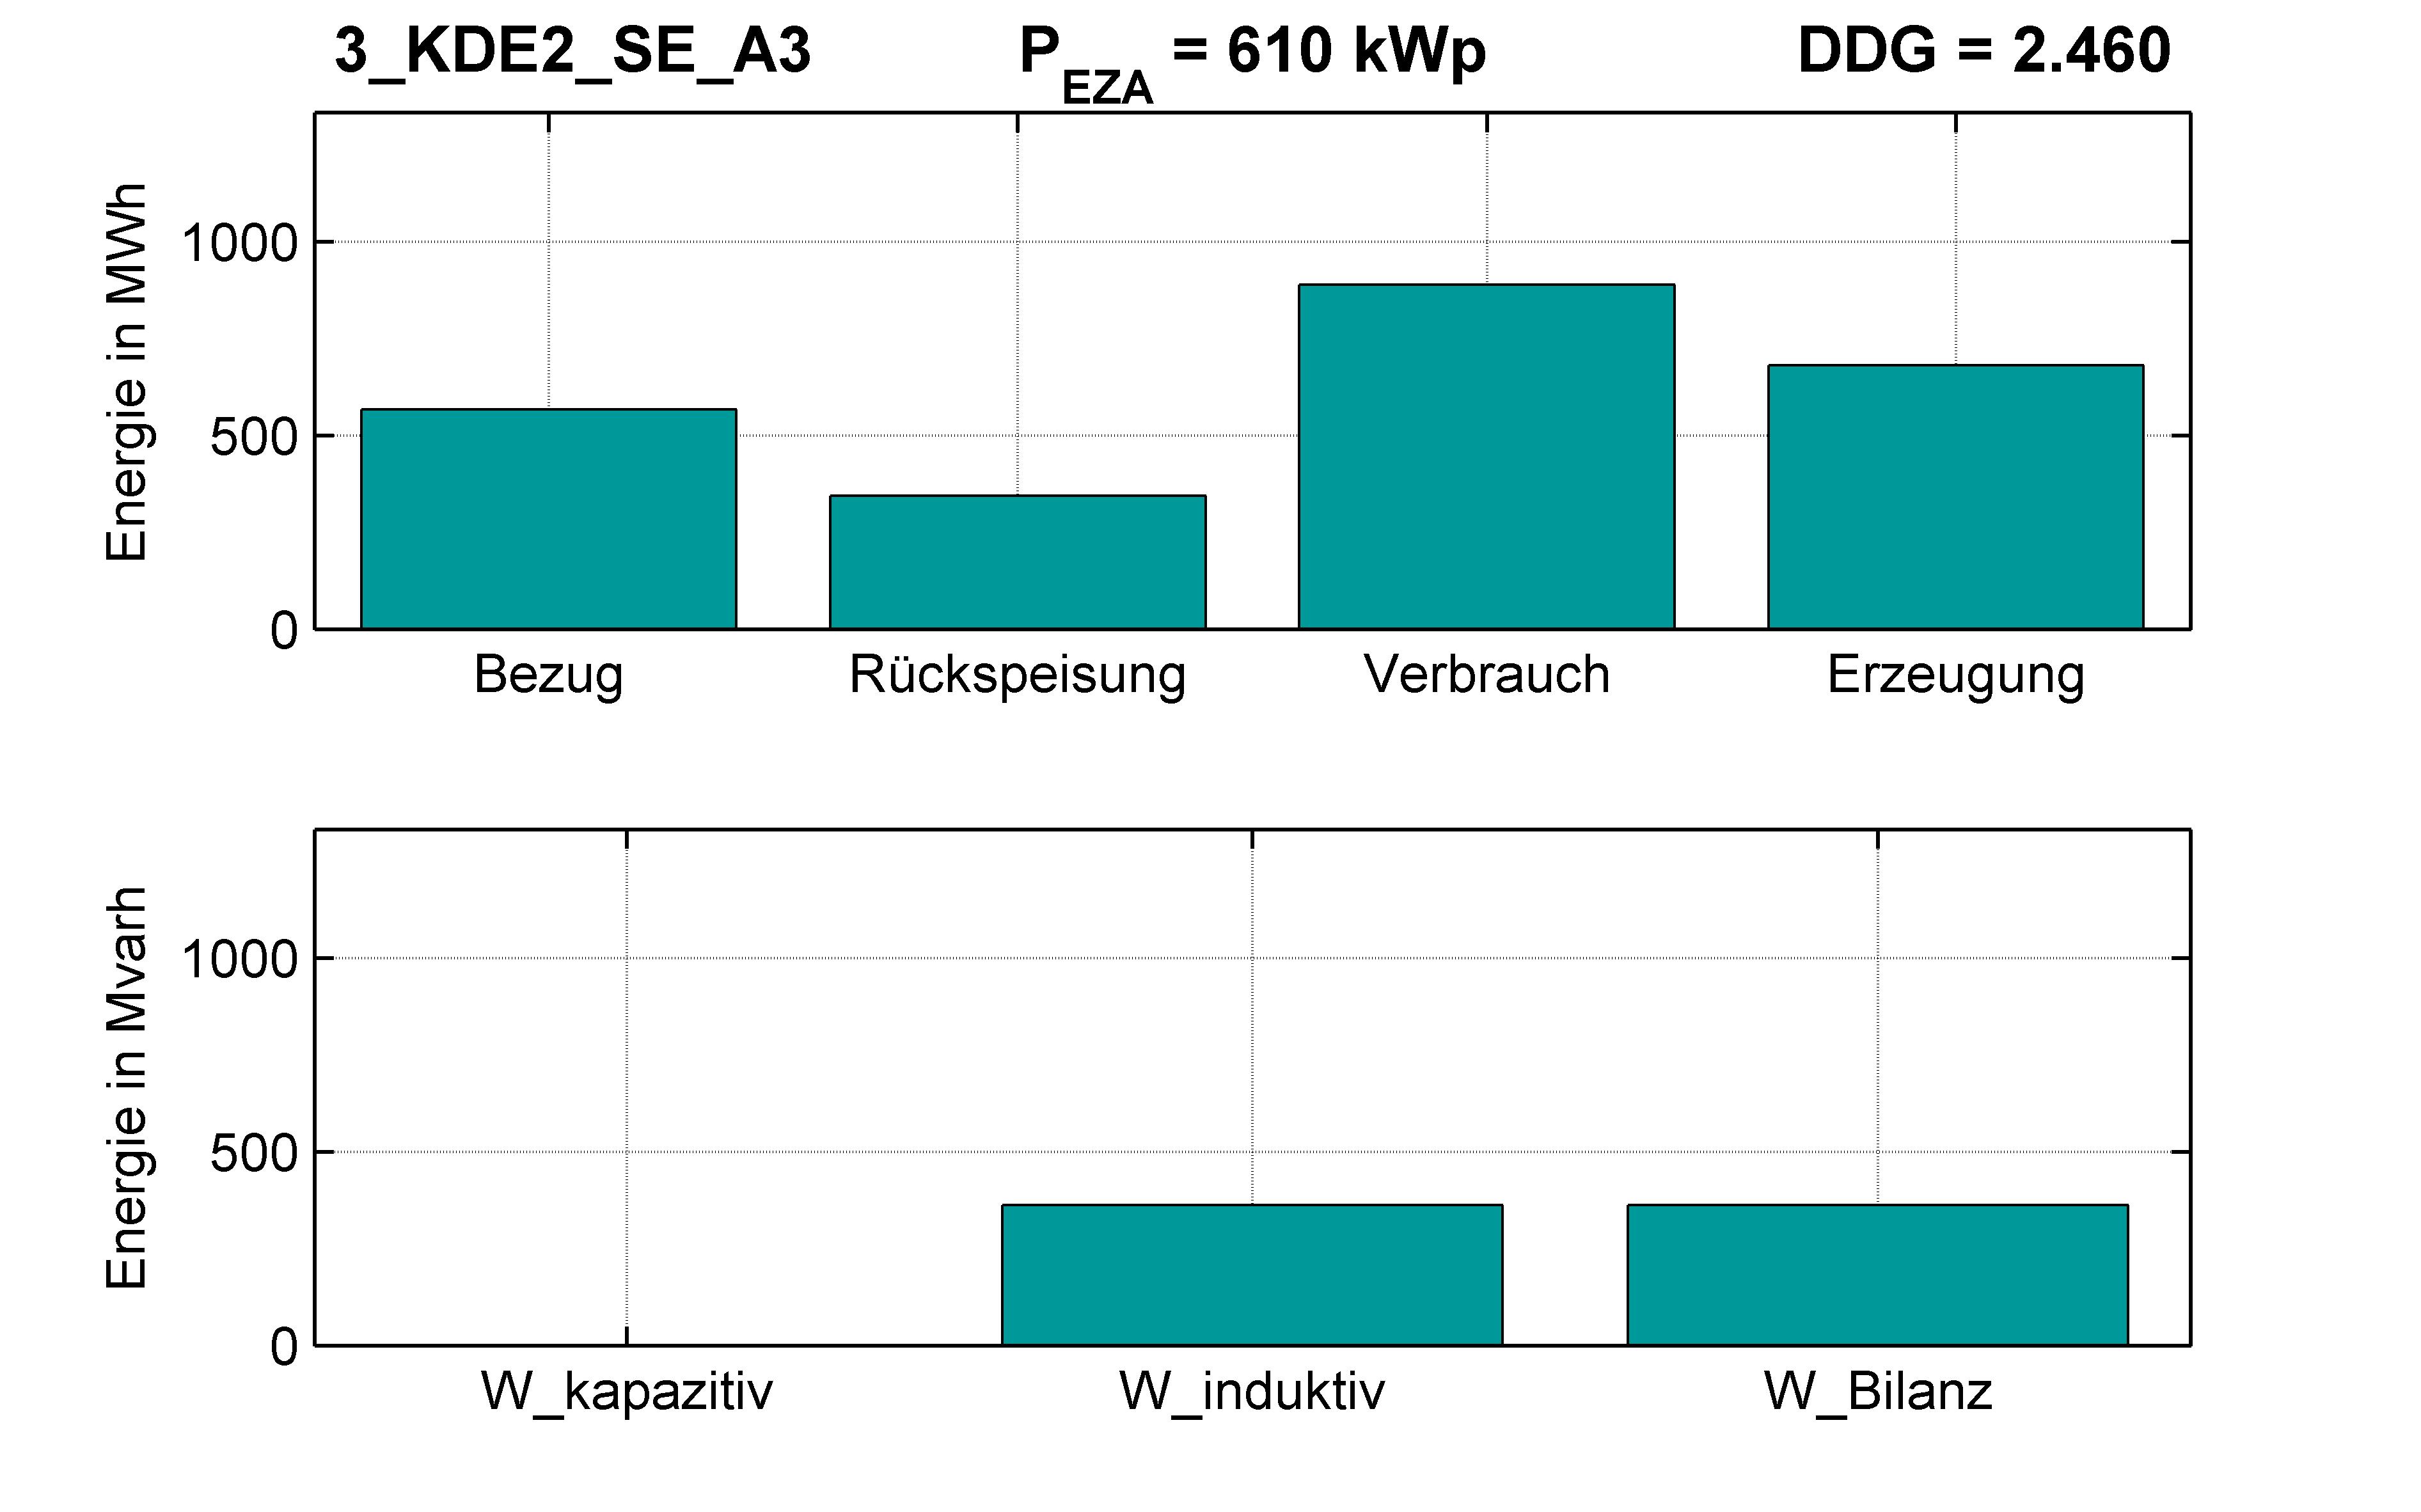 KDE2 | P-Kappung 70% (SE) A3 | PQ-Bilanz